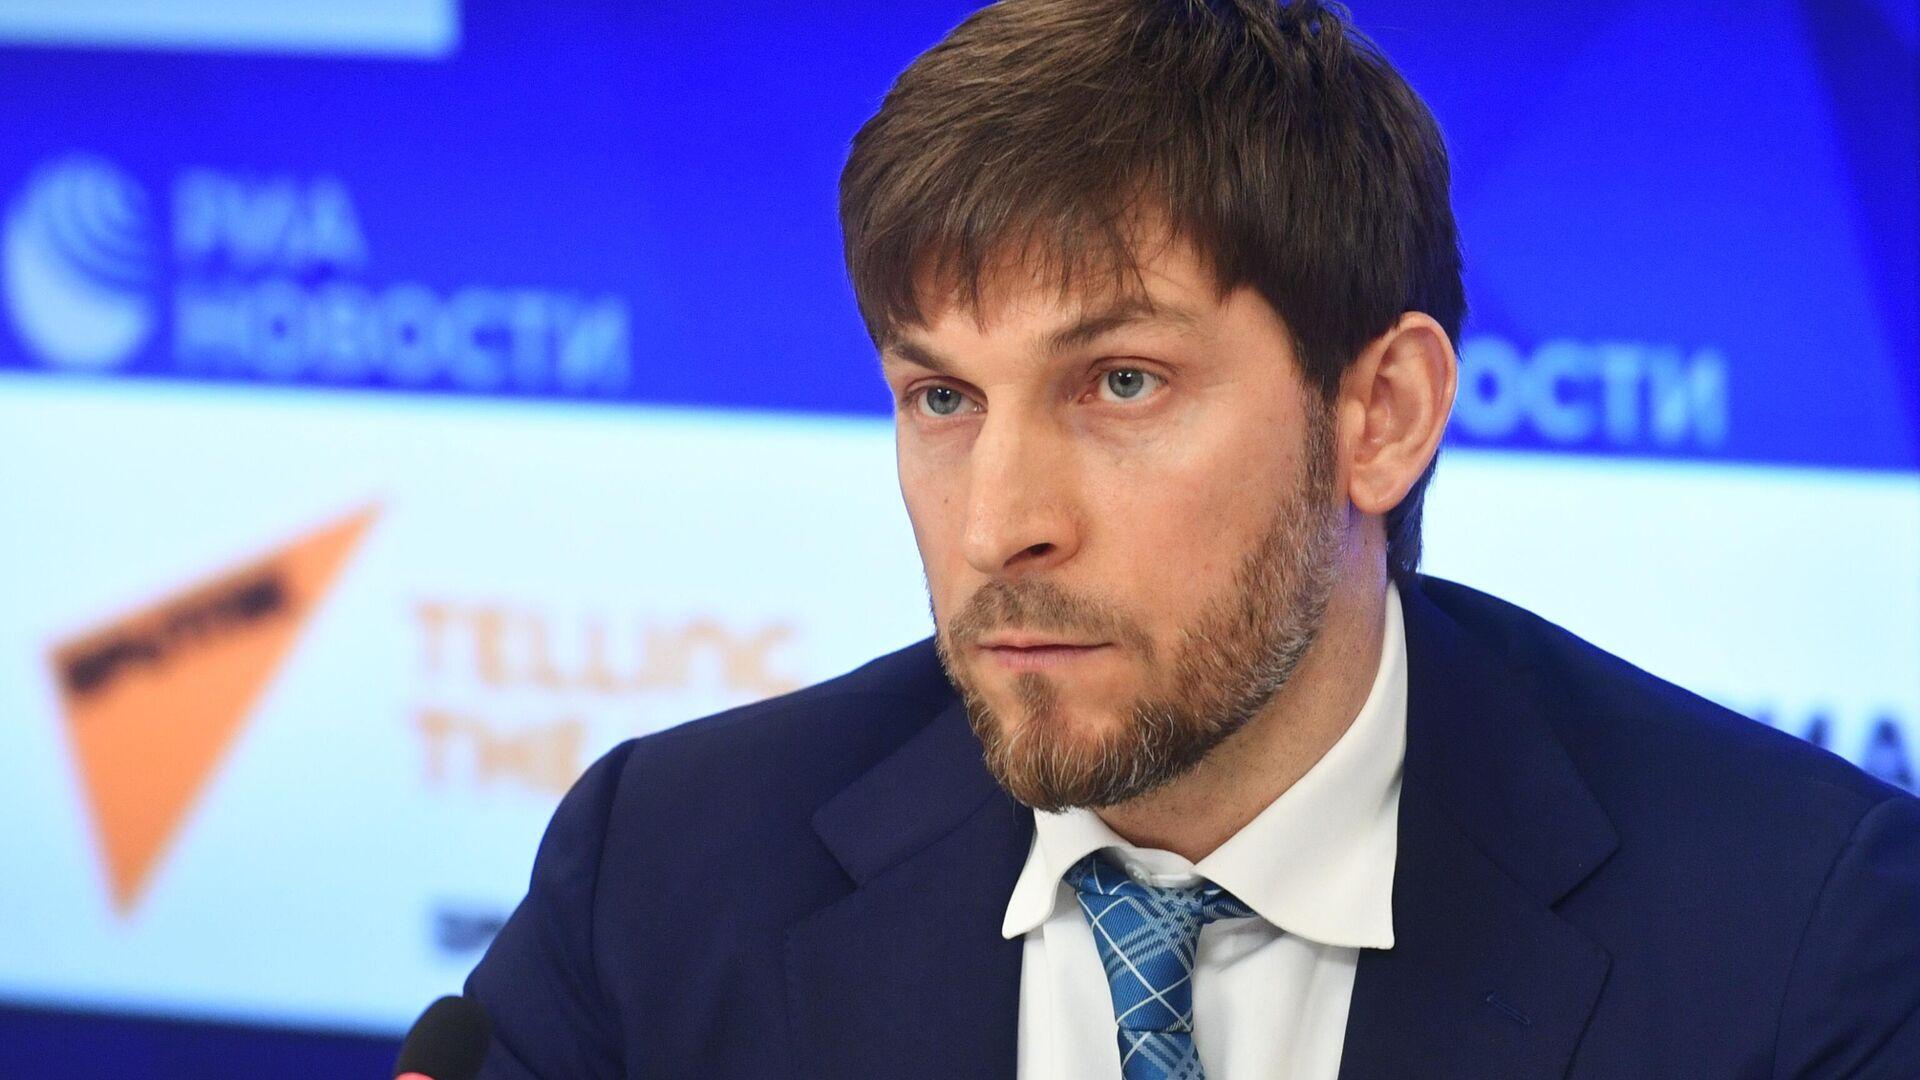 Советник президента заявил о росте в России интереса к проблемам климата